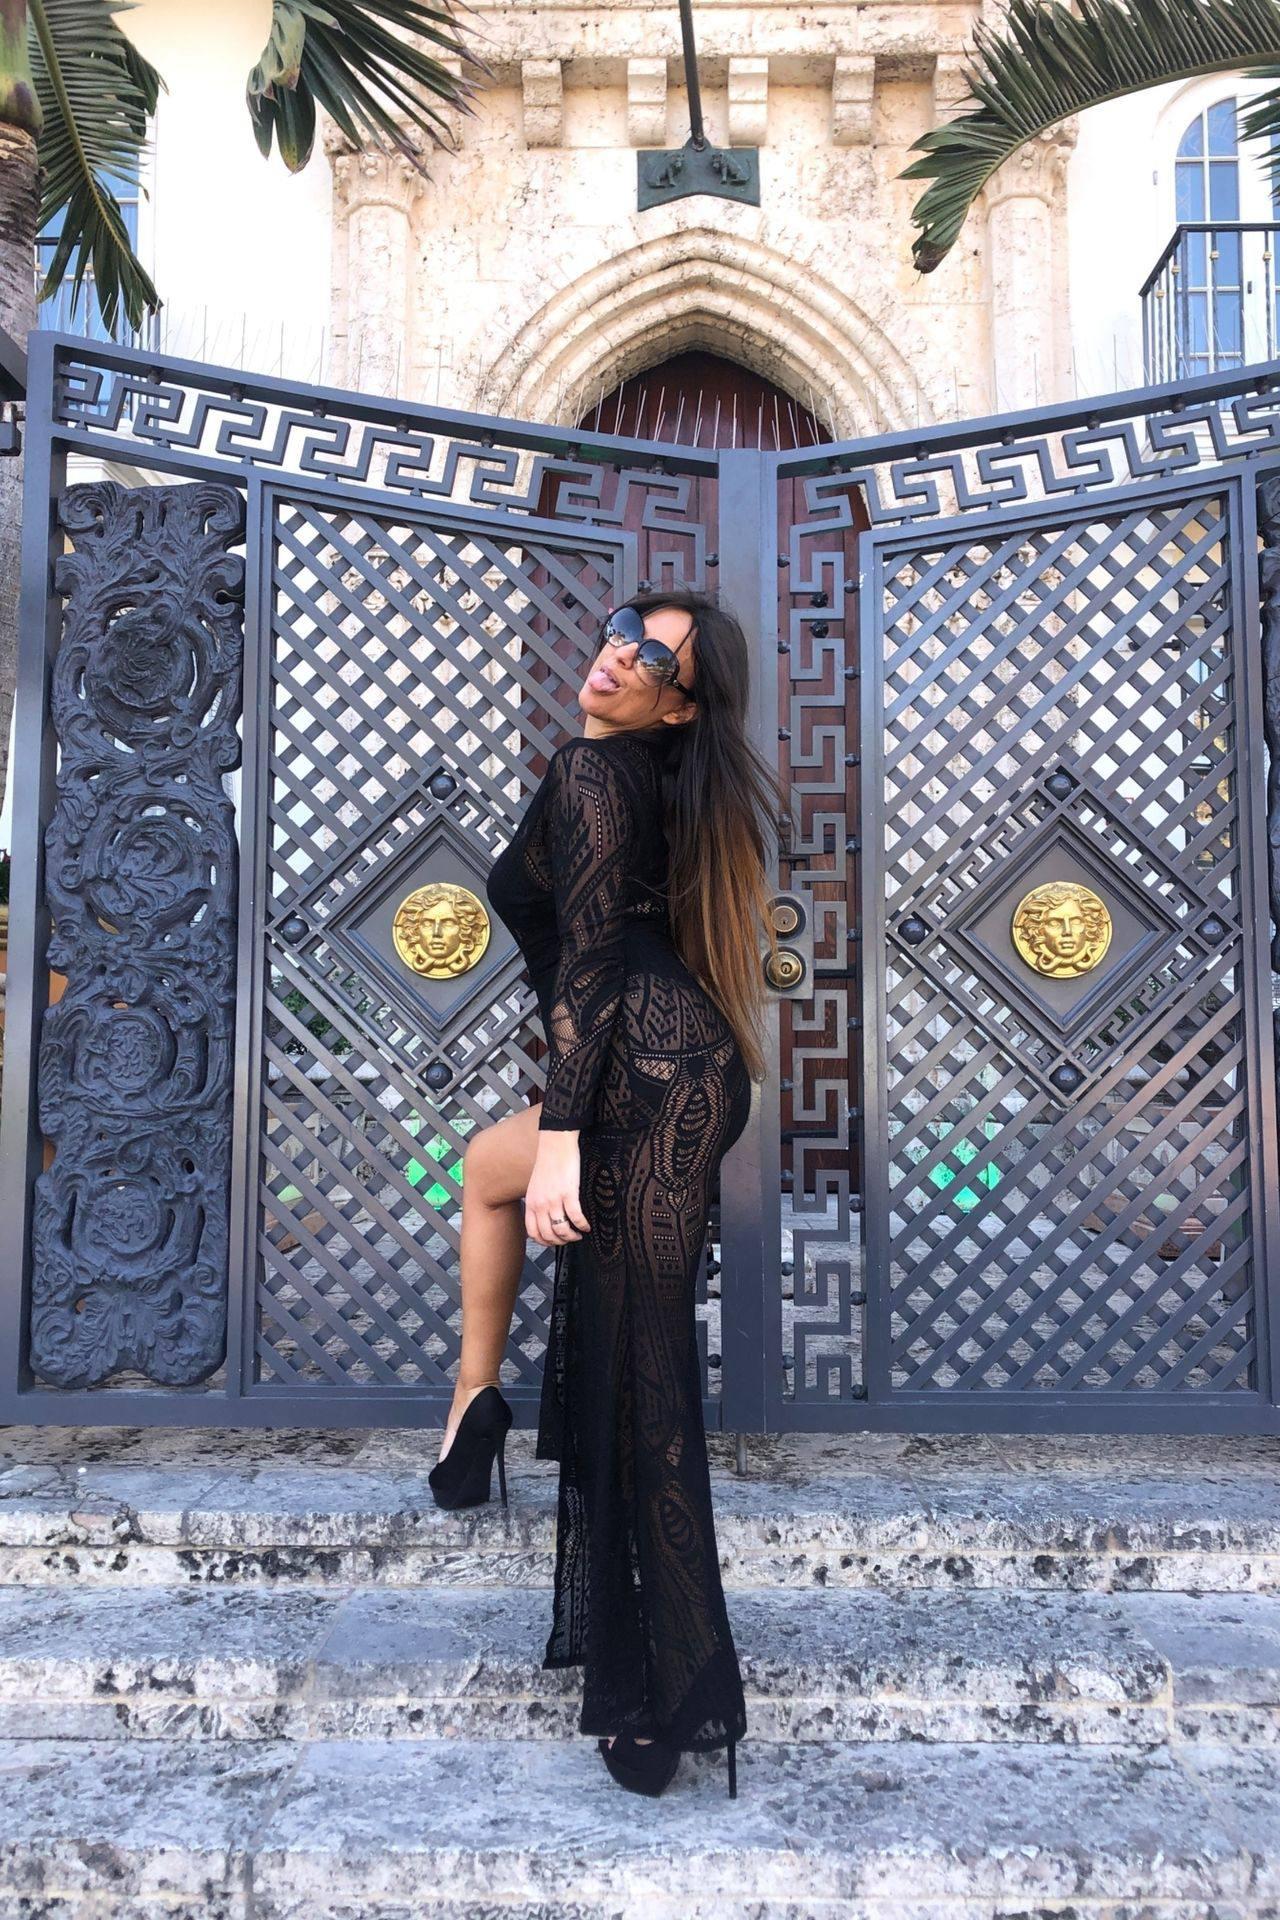 Claudia Romani – Sexy Legs And Big Boobs In Beautiful Black Dress 0017